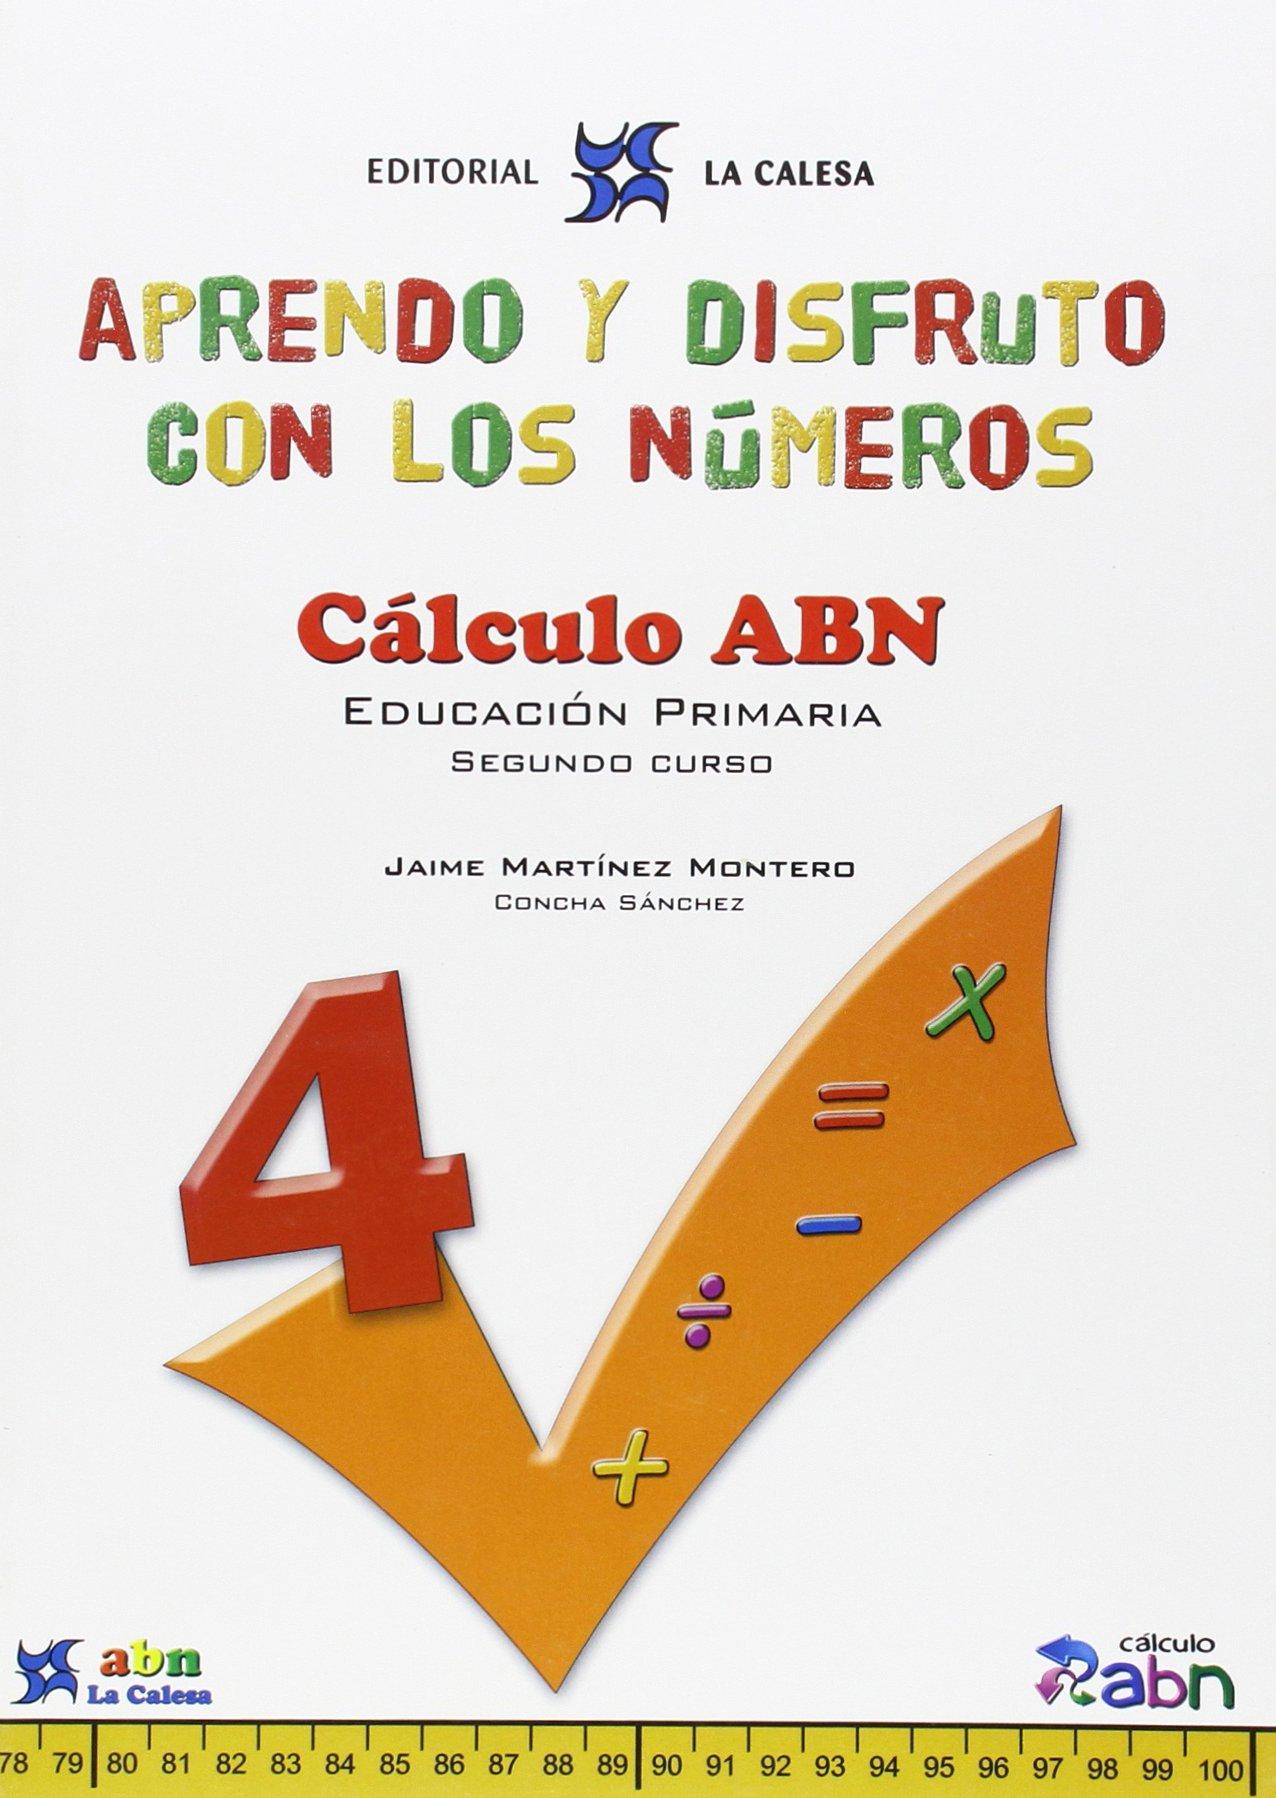 Download APRENDO Y DISFRUTO CON LOS NUMEROS 4 C.ABN 15 VICMAT29EP PDF